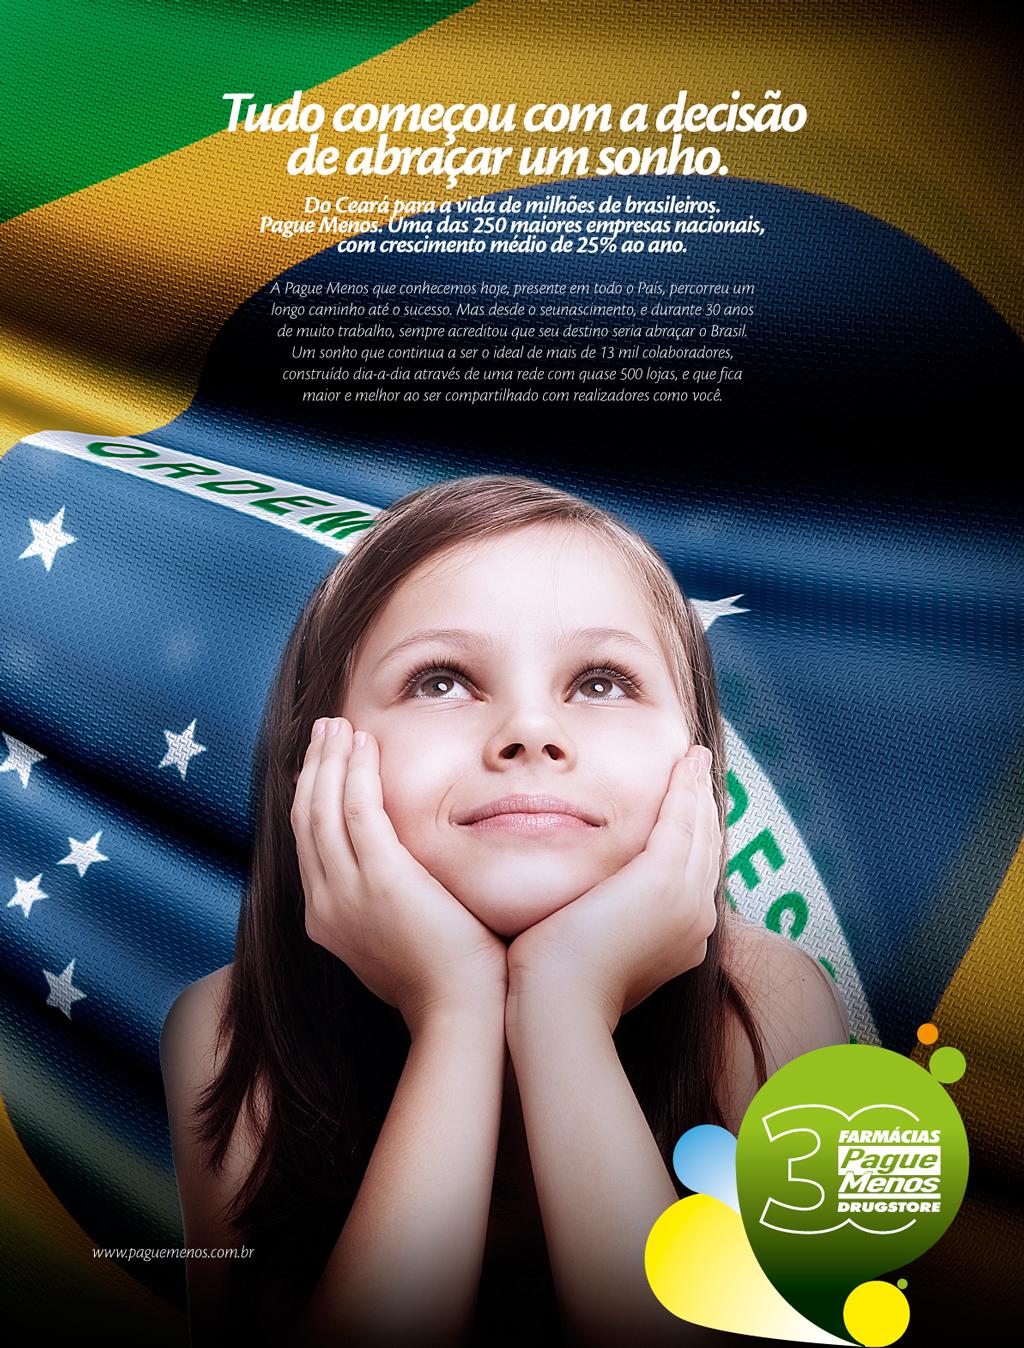 07358ec6a8063 SILVIO CÉSAR, PUBLICITÁRIO  Pague Menos  anuncio institucional ...